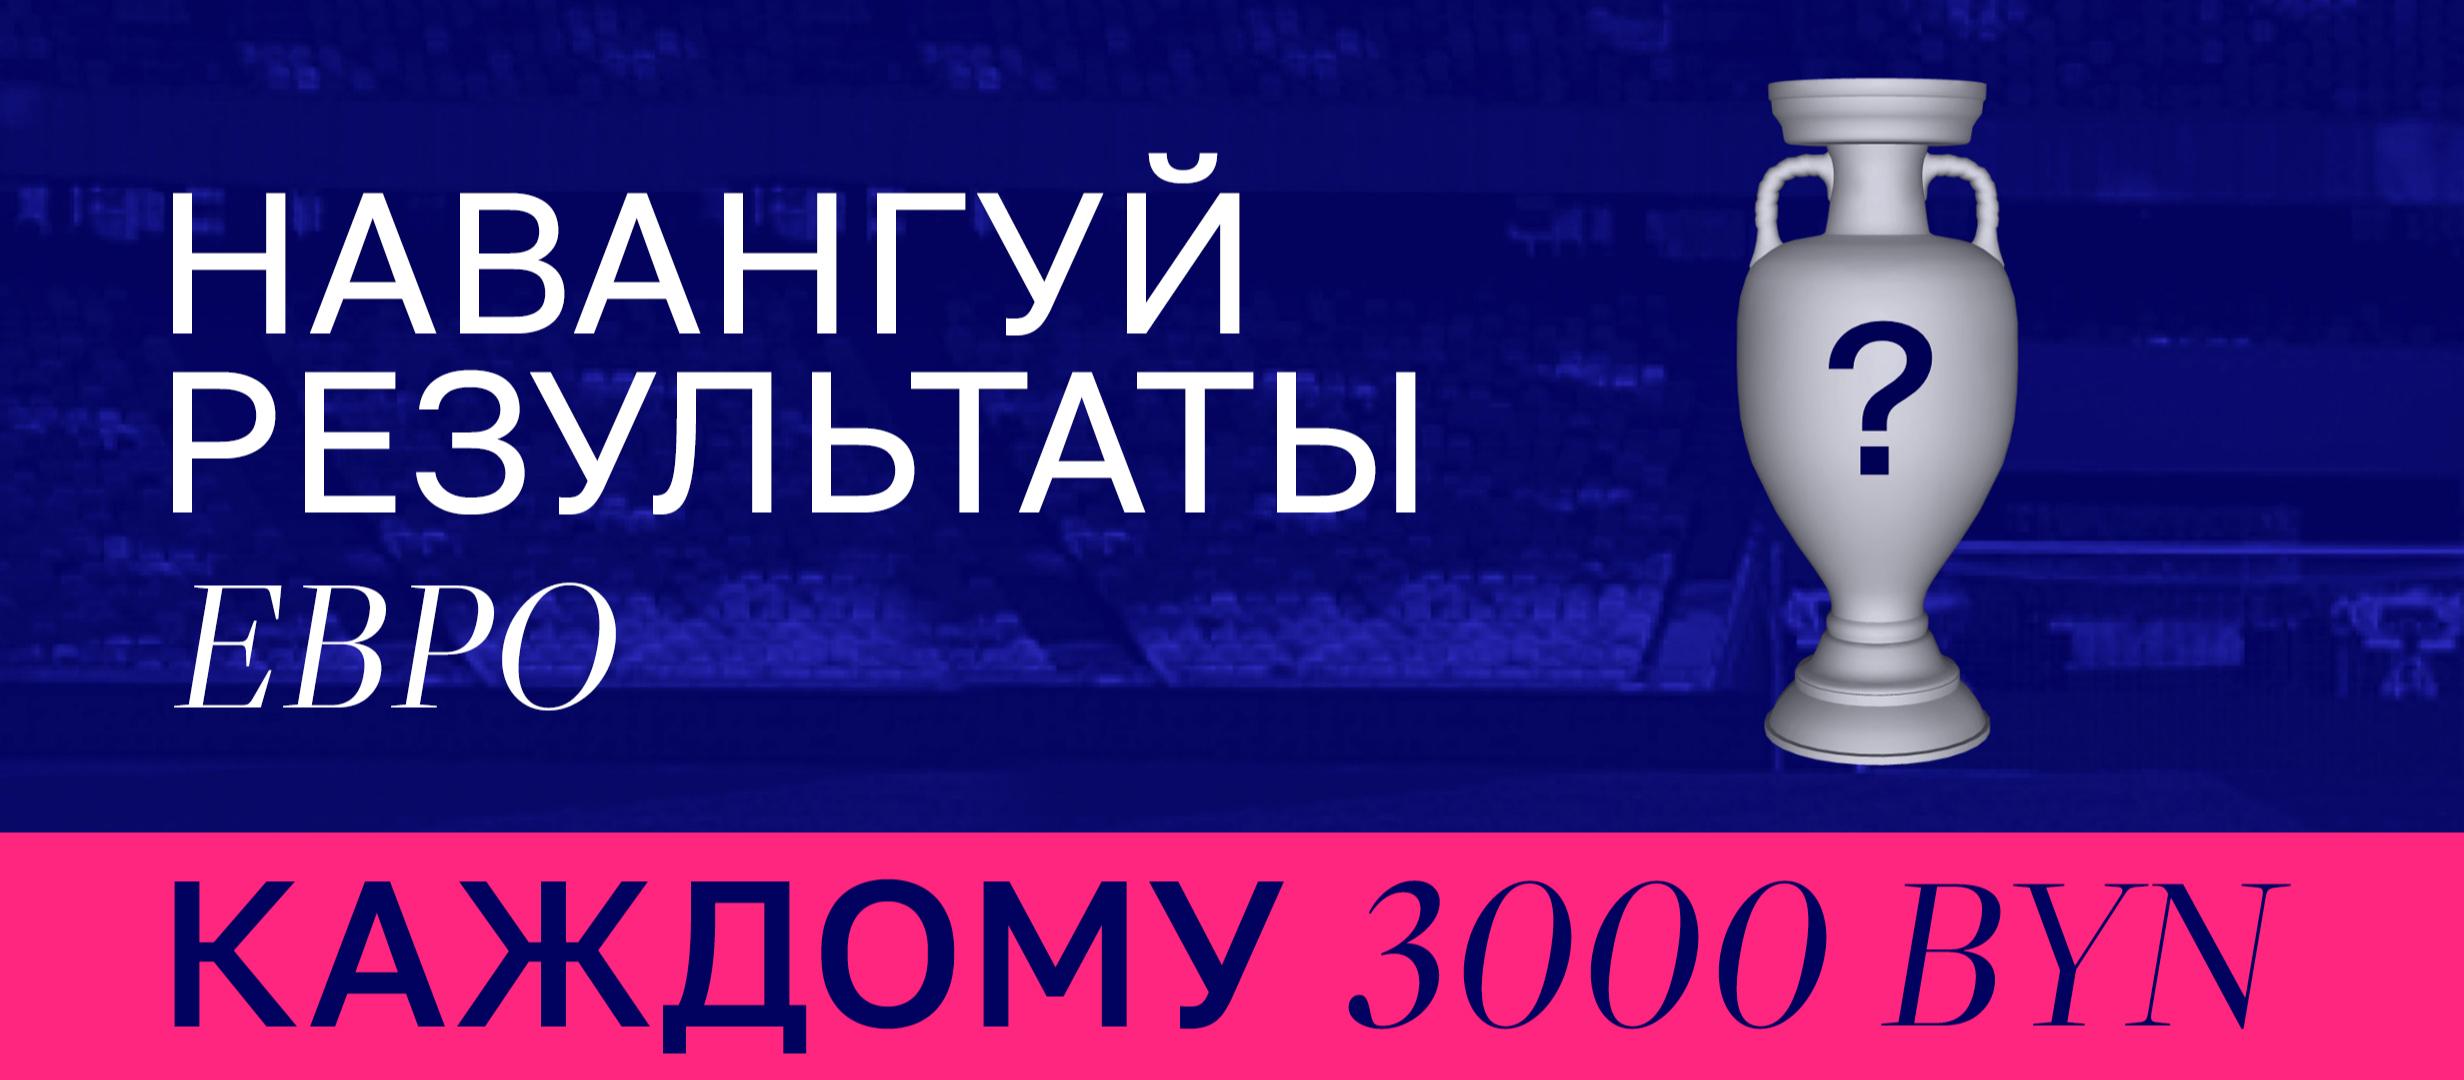 Страховка ставки от Favbet 3000 руб..